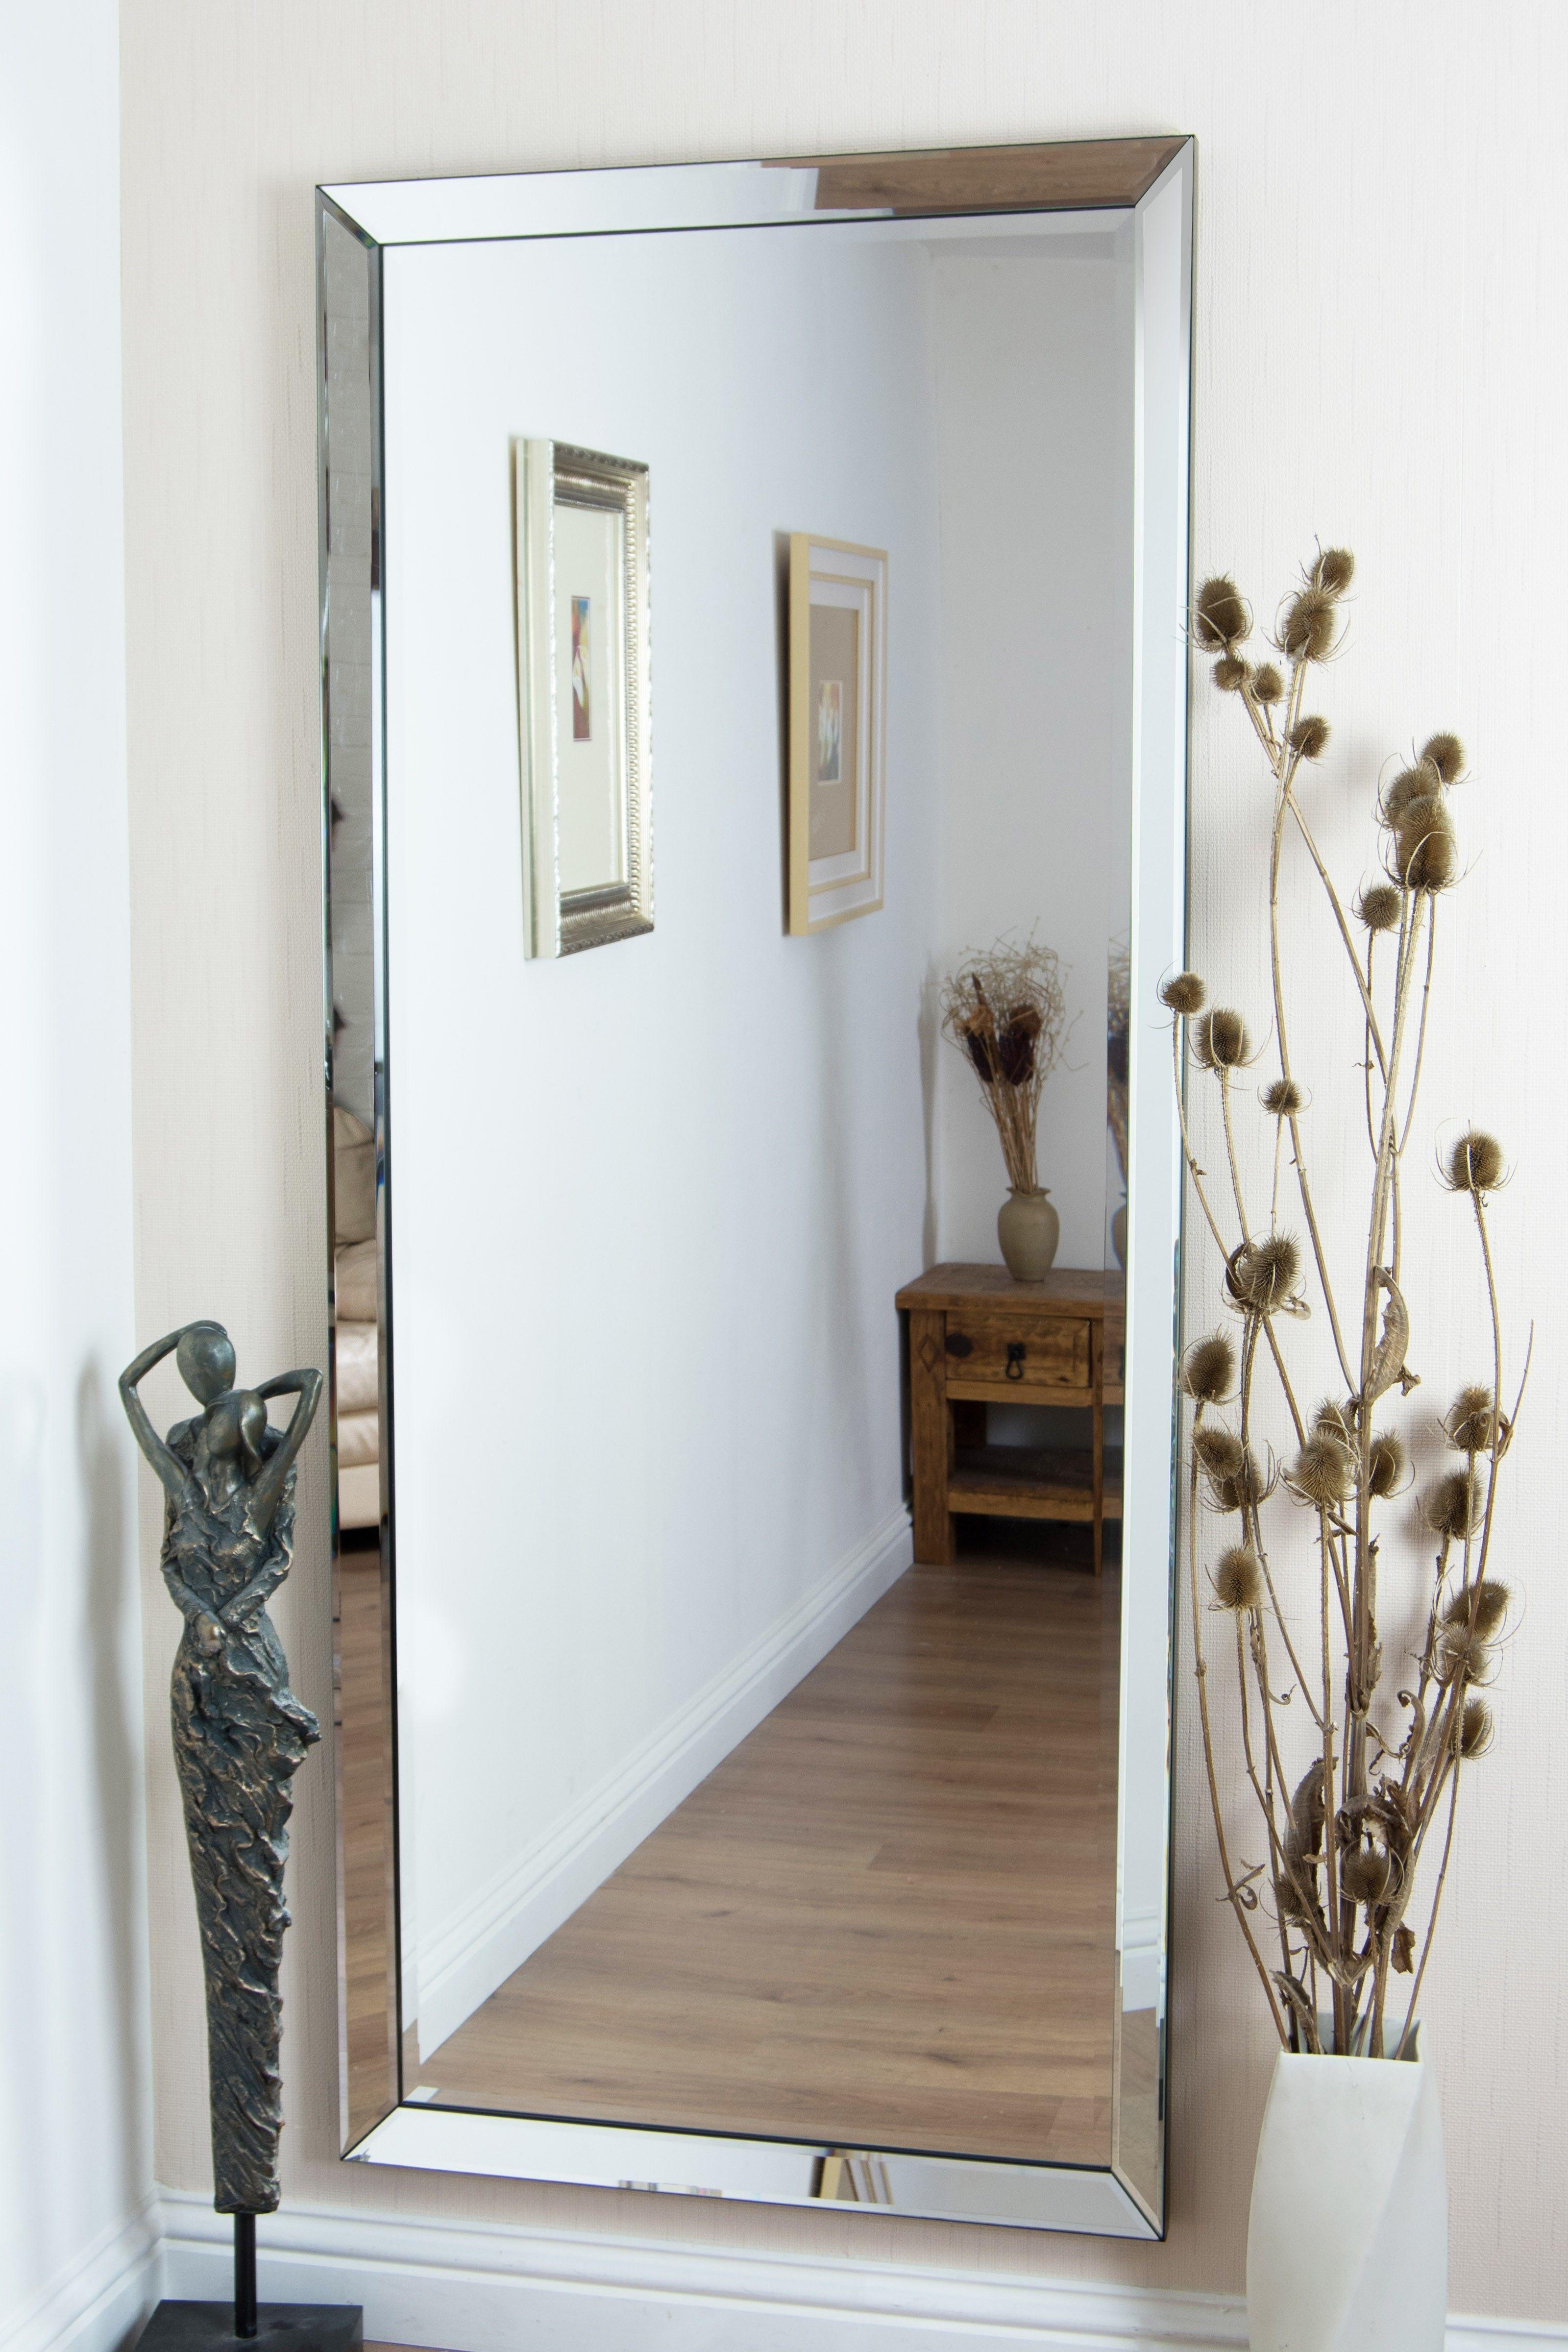 15 Ideen für Moderne, Grosse Spiegel | Spiegel | Pinterest | Spiegel ...